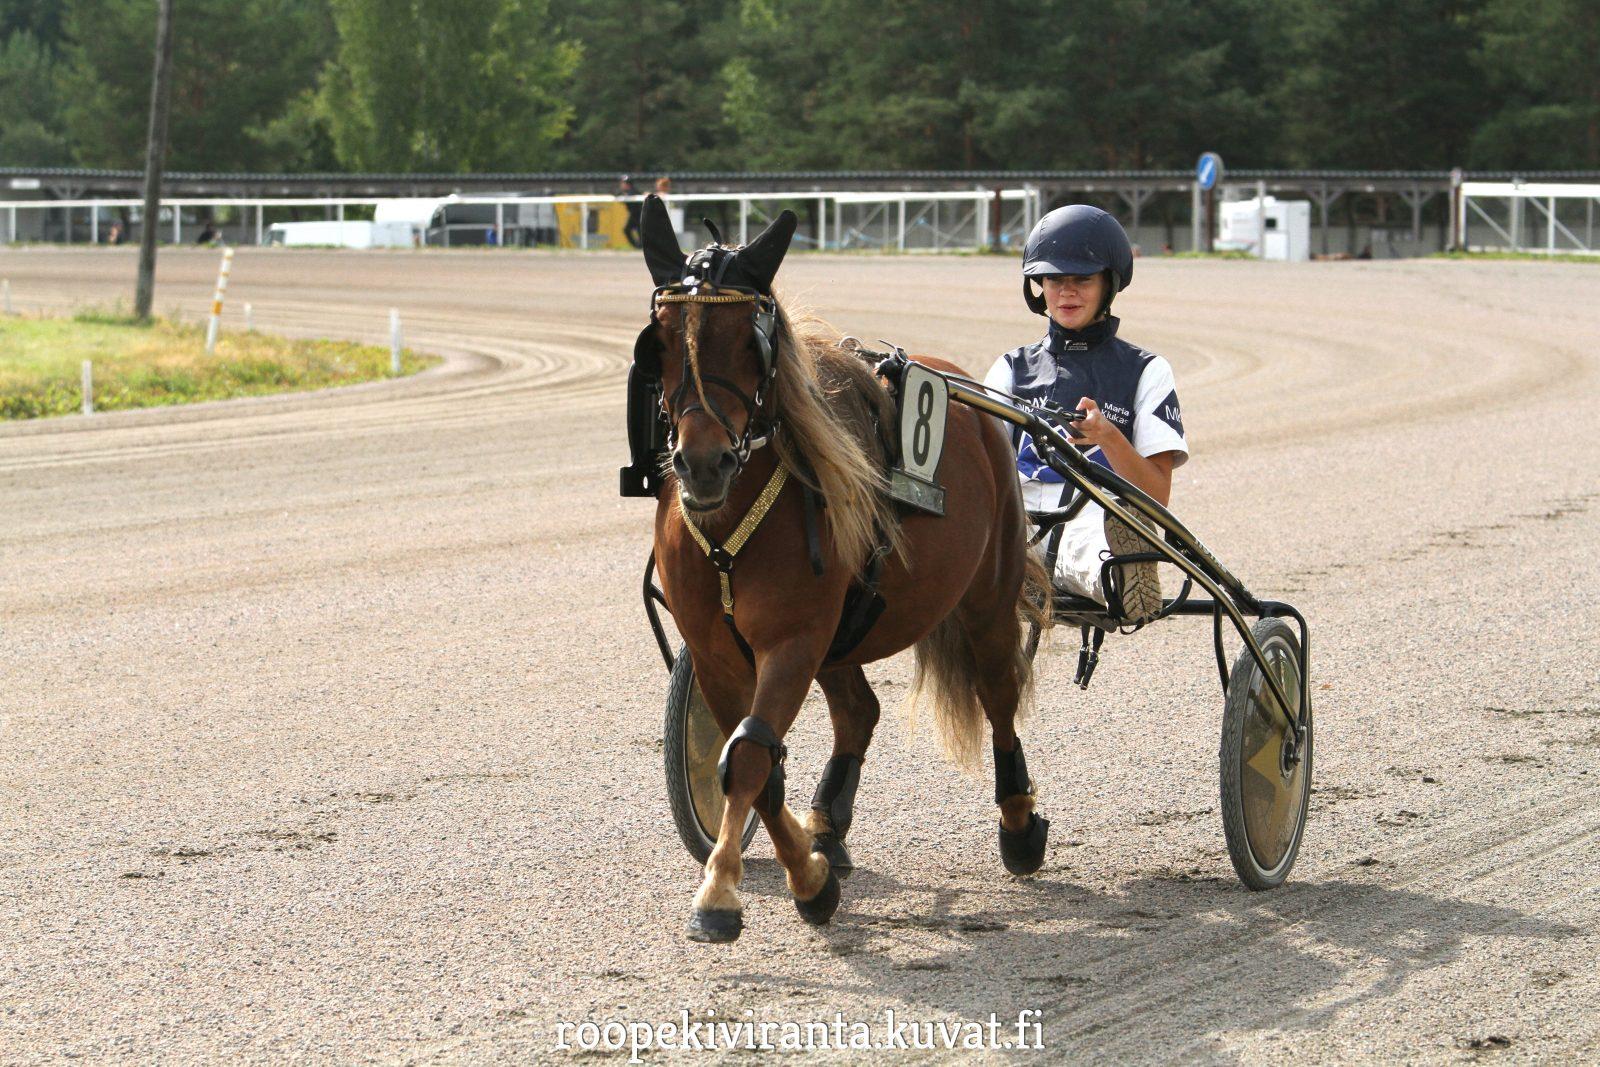 Little Darling ja Maria Kiukas lähtevät ponien Suomi-Ruotsi-maaottelussa matkaan radalta 10. Kuva: Hippos / Roope Kiviranta.